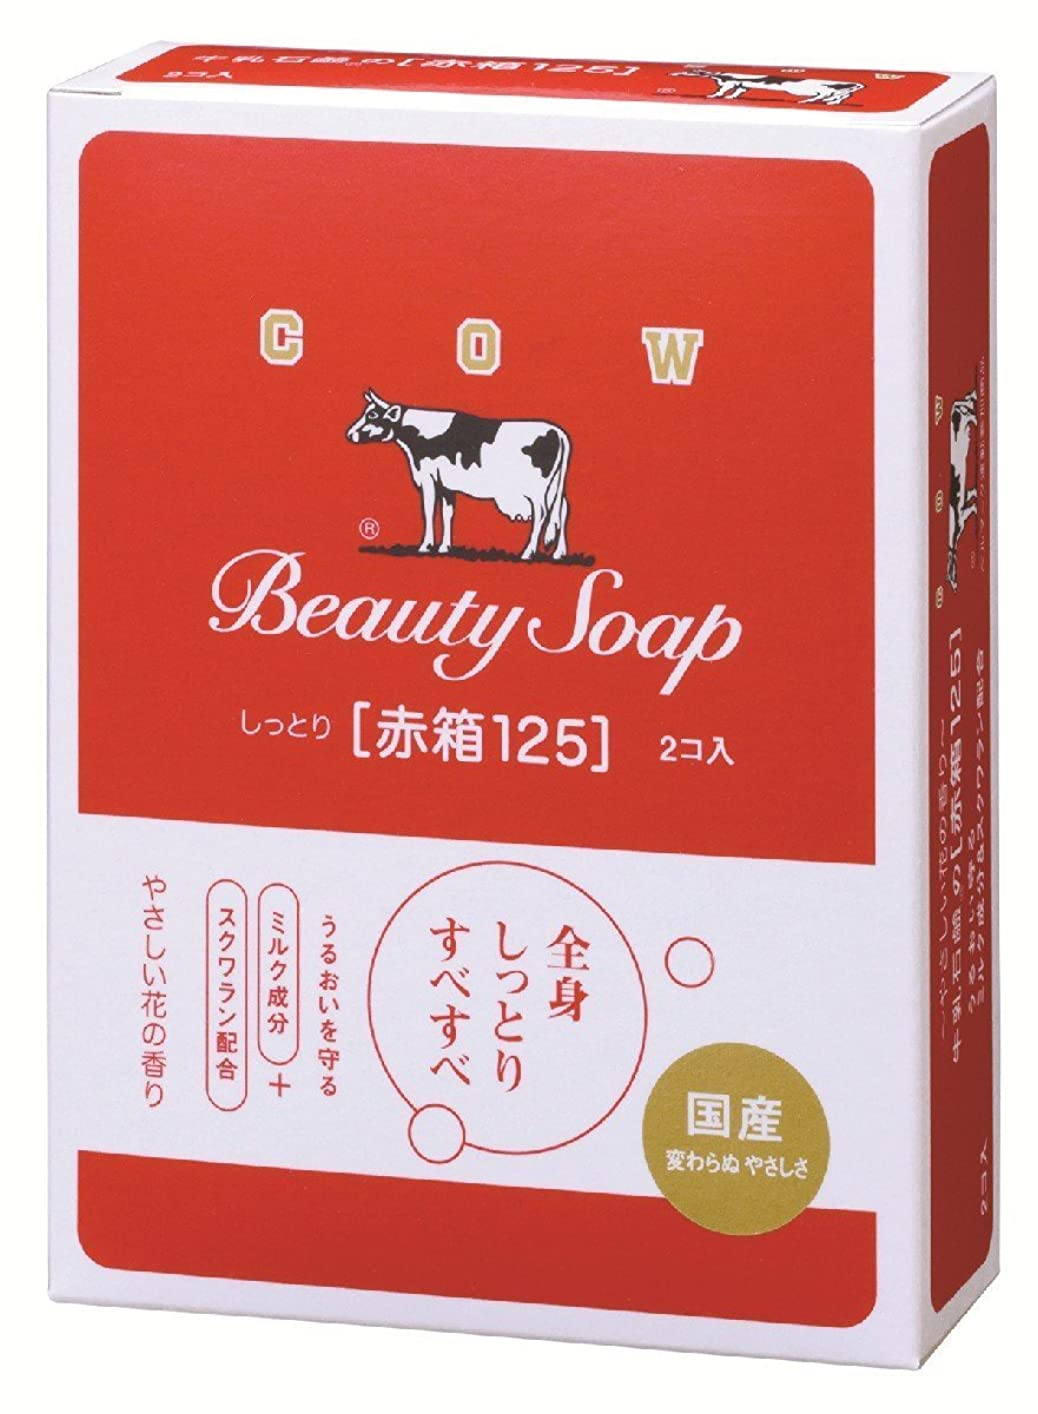 ソケットジュラシックパークライド牛乳石鹸共進社 カウブランド 赤箱 125g×2